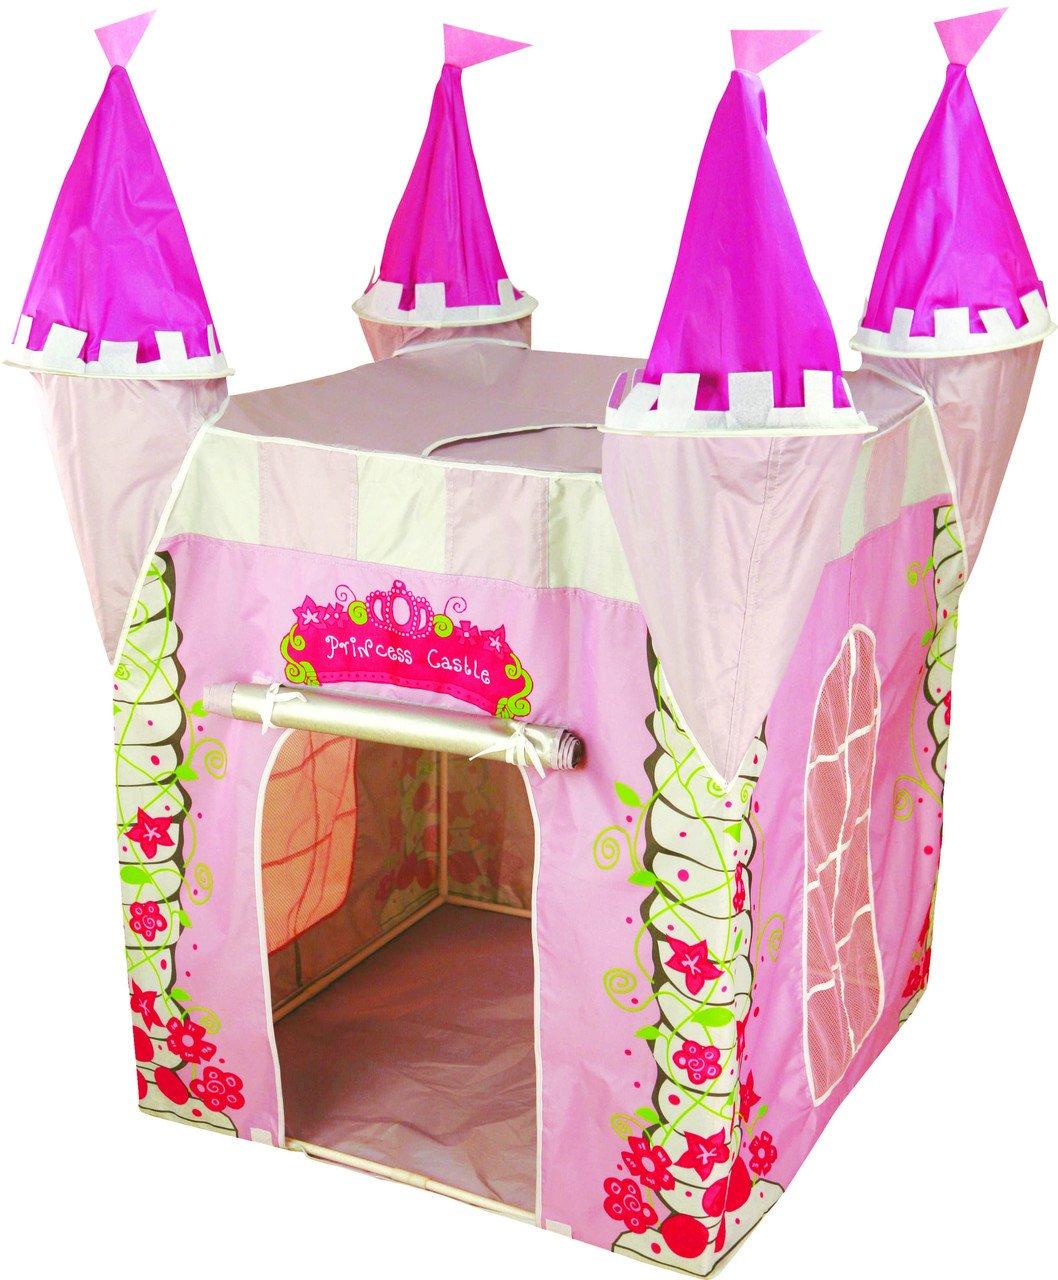 Home Source Tienda de campaña para niños con protección contra Rayos UV, diseñada como un